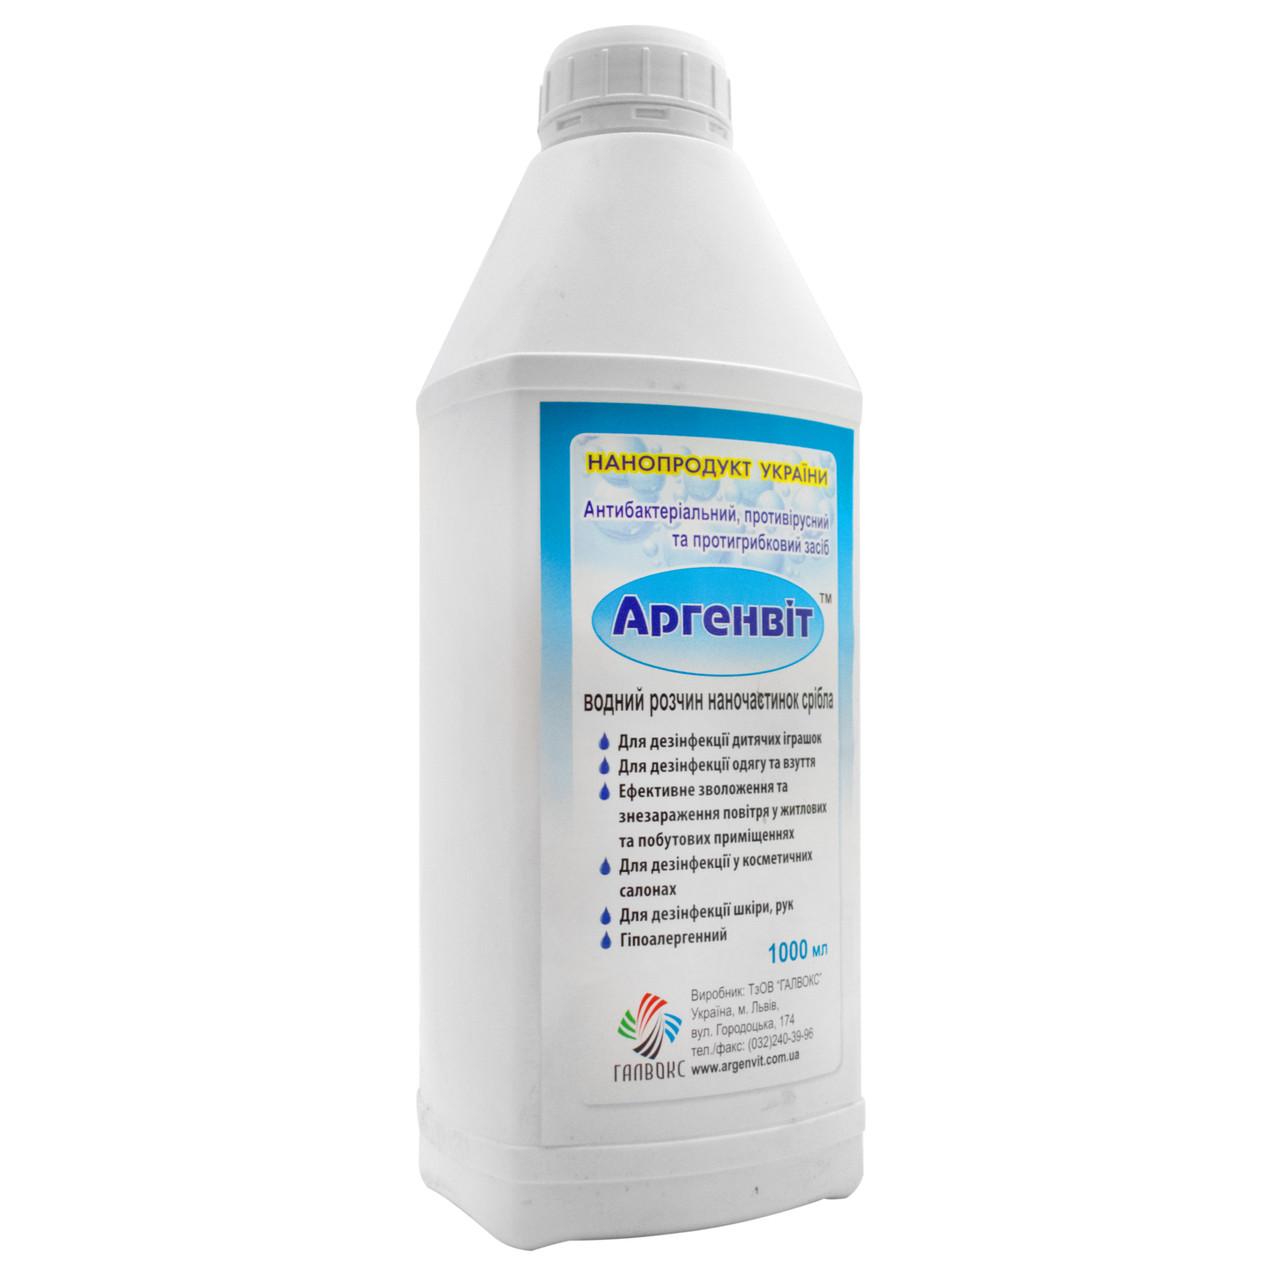 Дезинфицирующее и фунгицидное средство Аргенвит 1 л